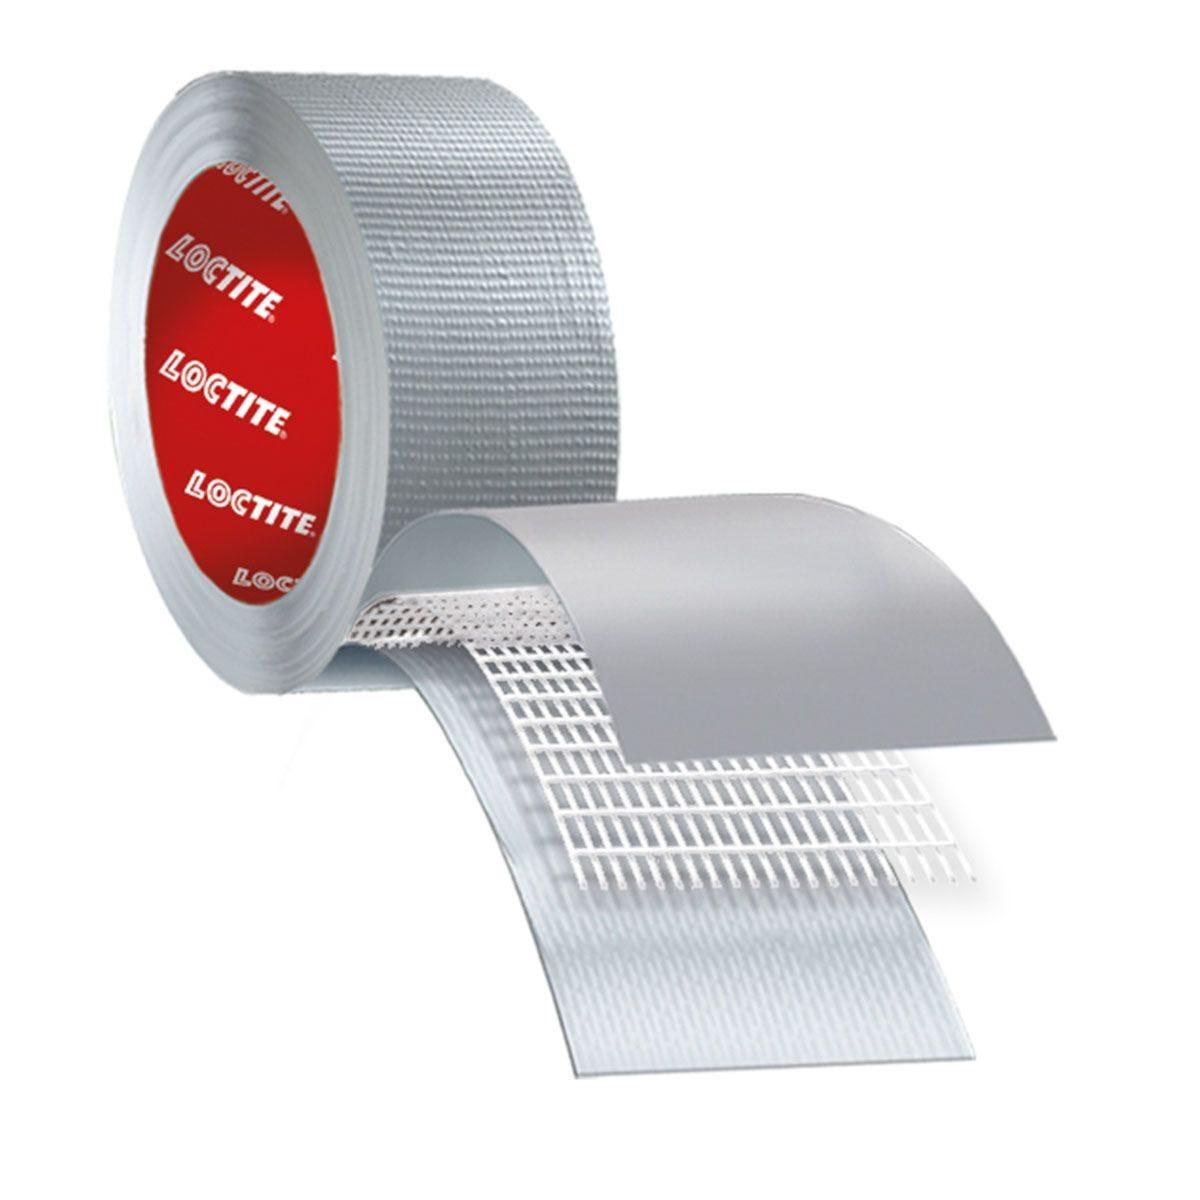 Loctite Silver Tape - 30m